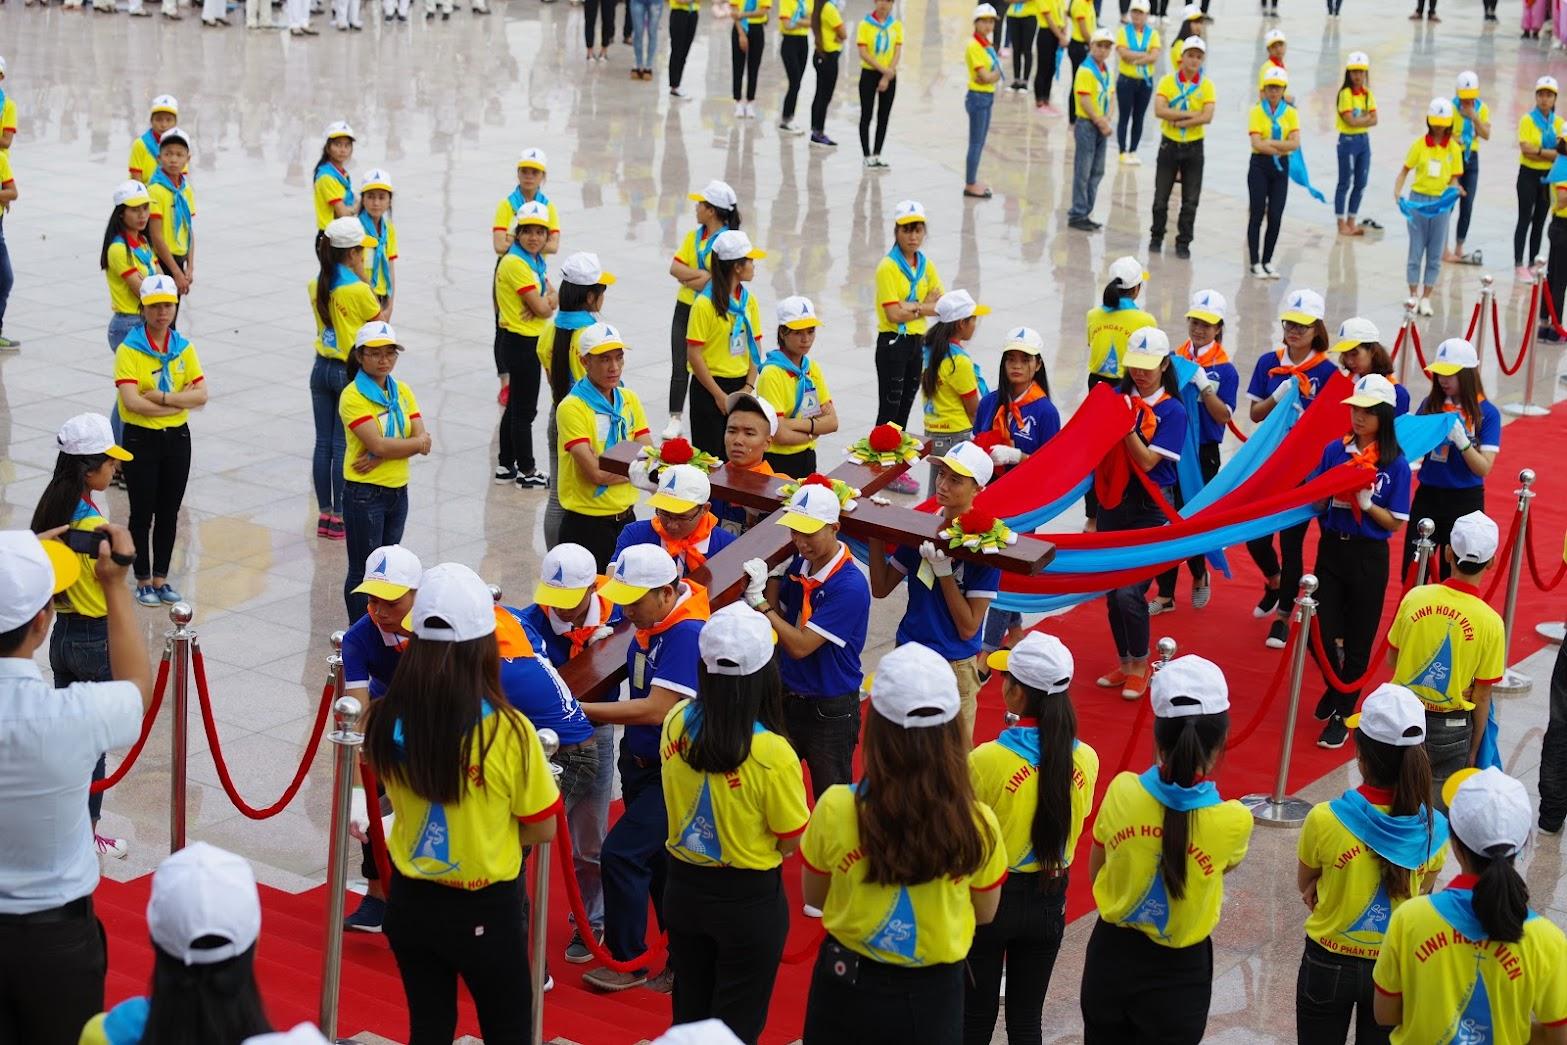 Những hình ảnh đẹp về lễ khai mạc Đại Hội Giới Trẻ giáo tỉnh Hà Nội lần thứ XV tại Thanh Hóa - Ảnh minh hoạ 34